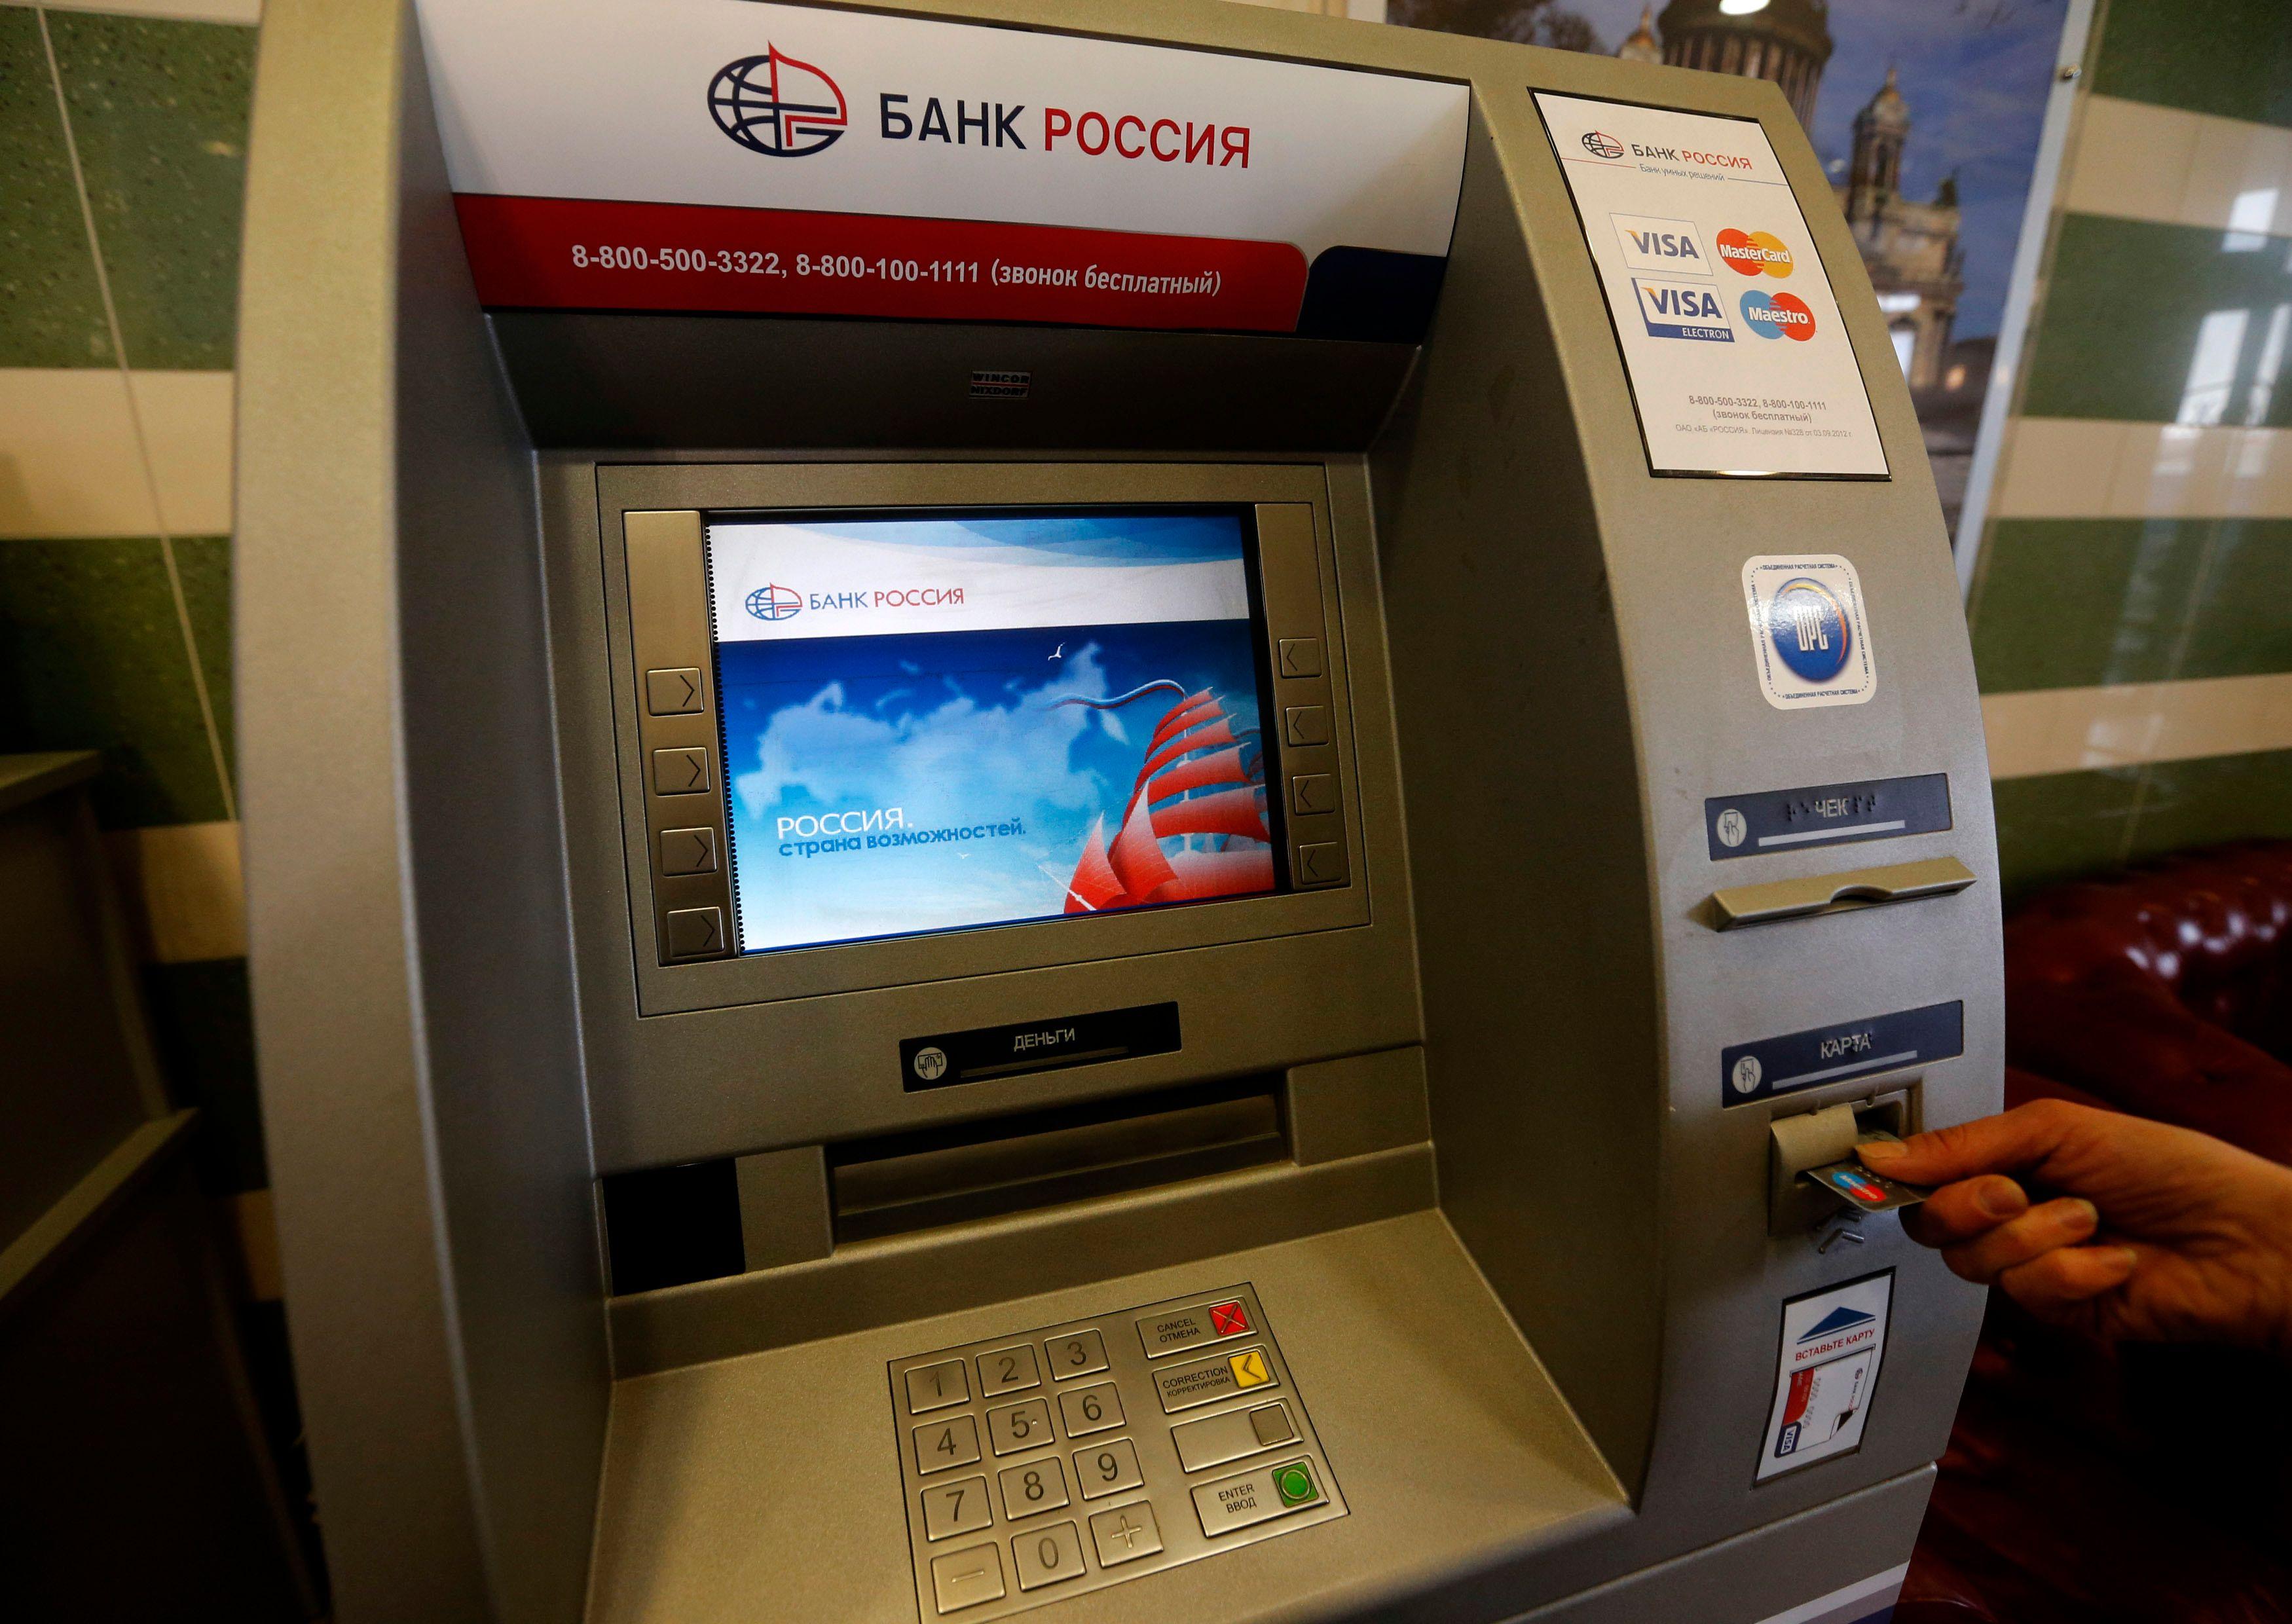 Atlantico fait le point sur les nouvelles techniques quasi indétectables pour pirater votre carte bancaire quand vous retirez des billets